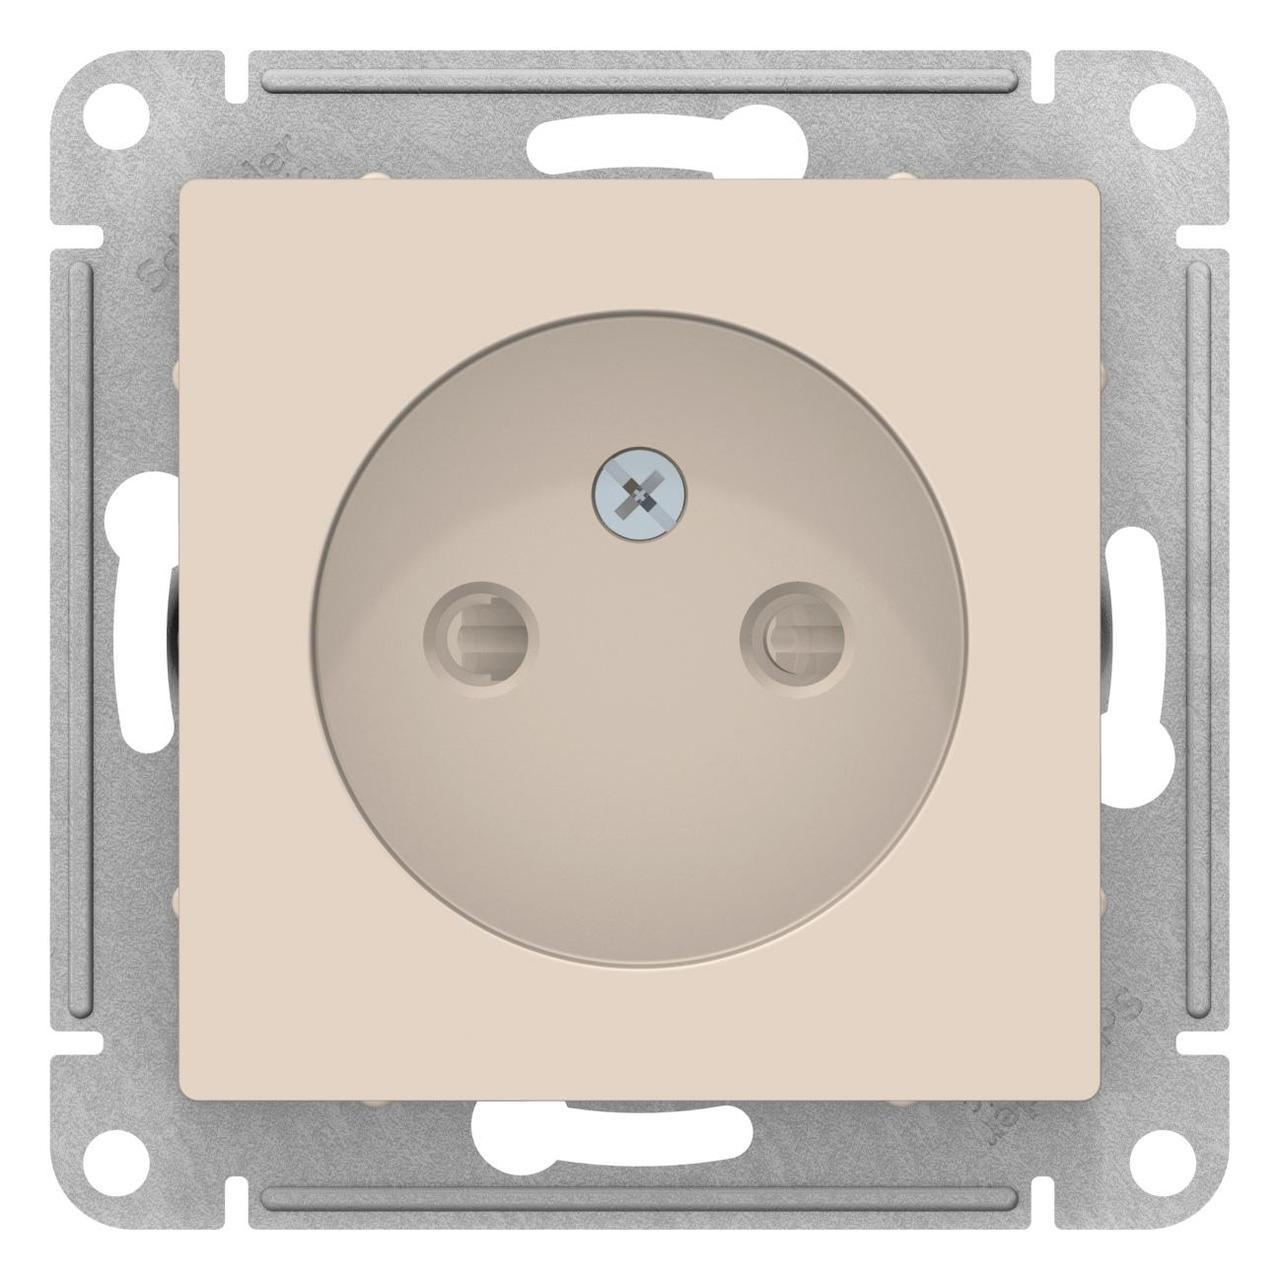 Розетка 1-ая электрическая без заземления с защитными шторками , Бежевый, серия Atlas Design, Schneider